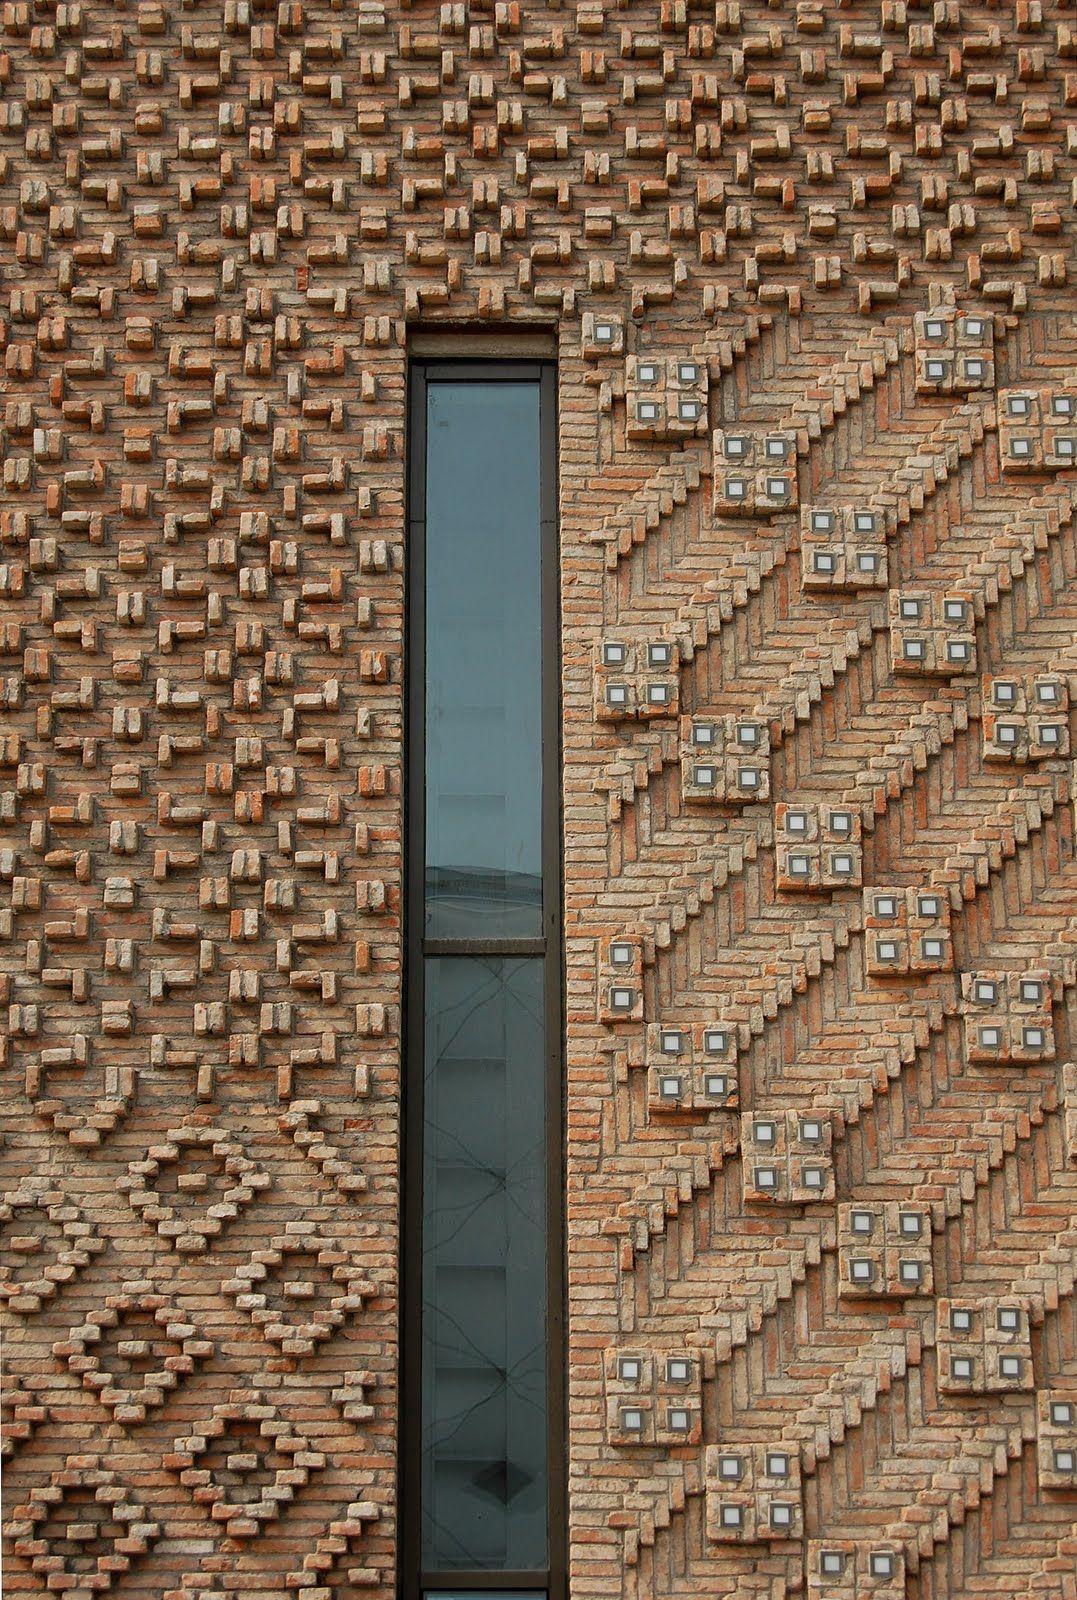 Brick Wall Patterns Best Design